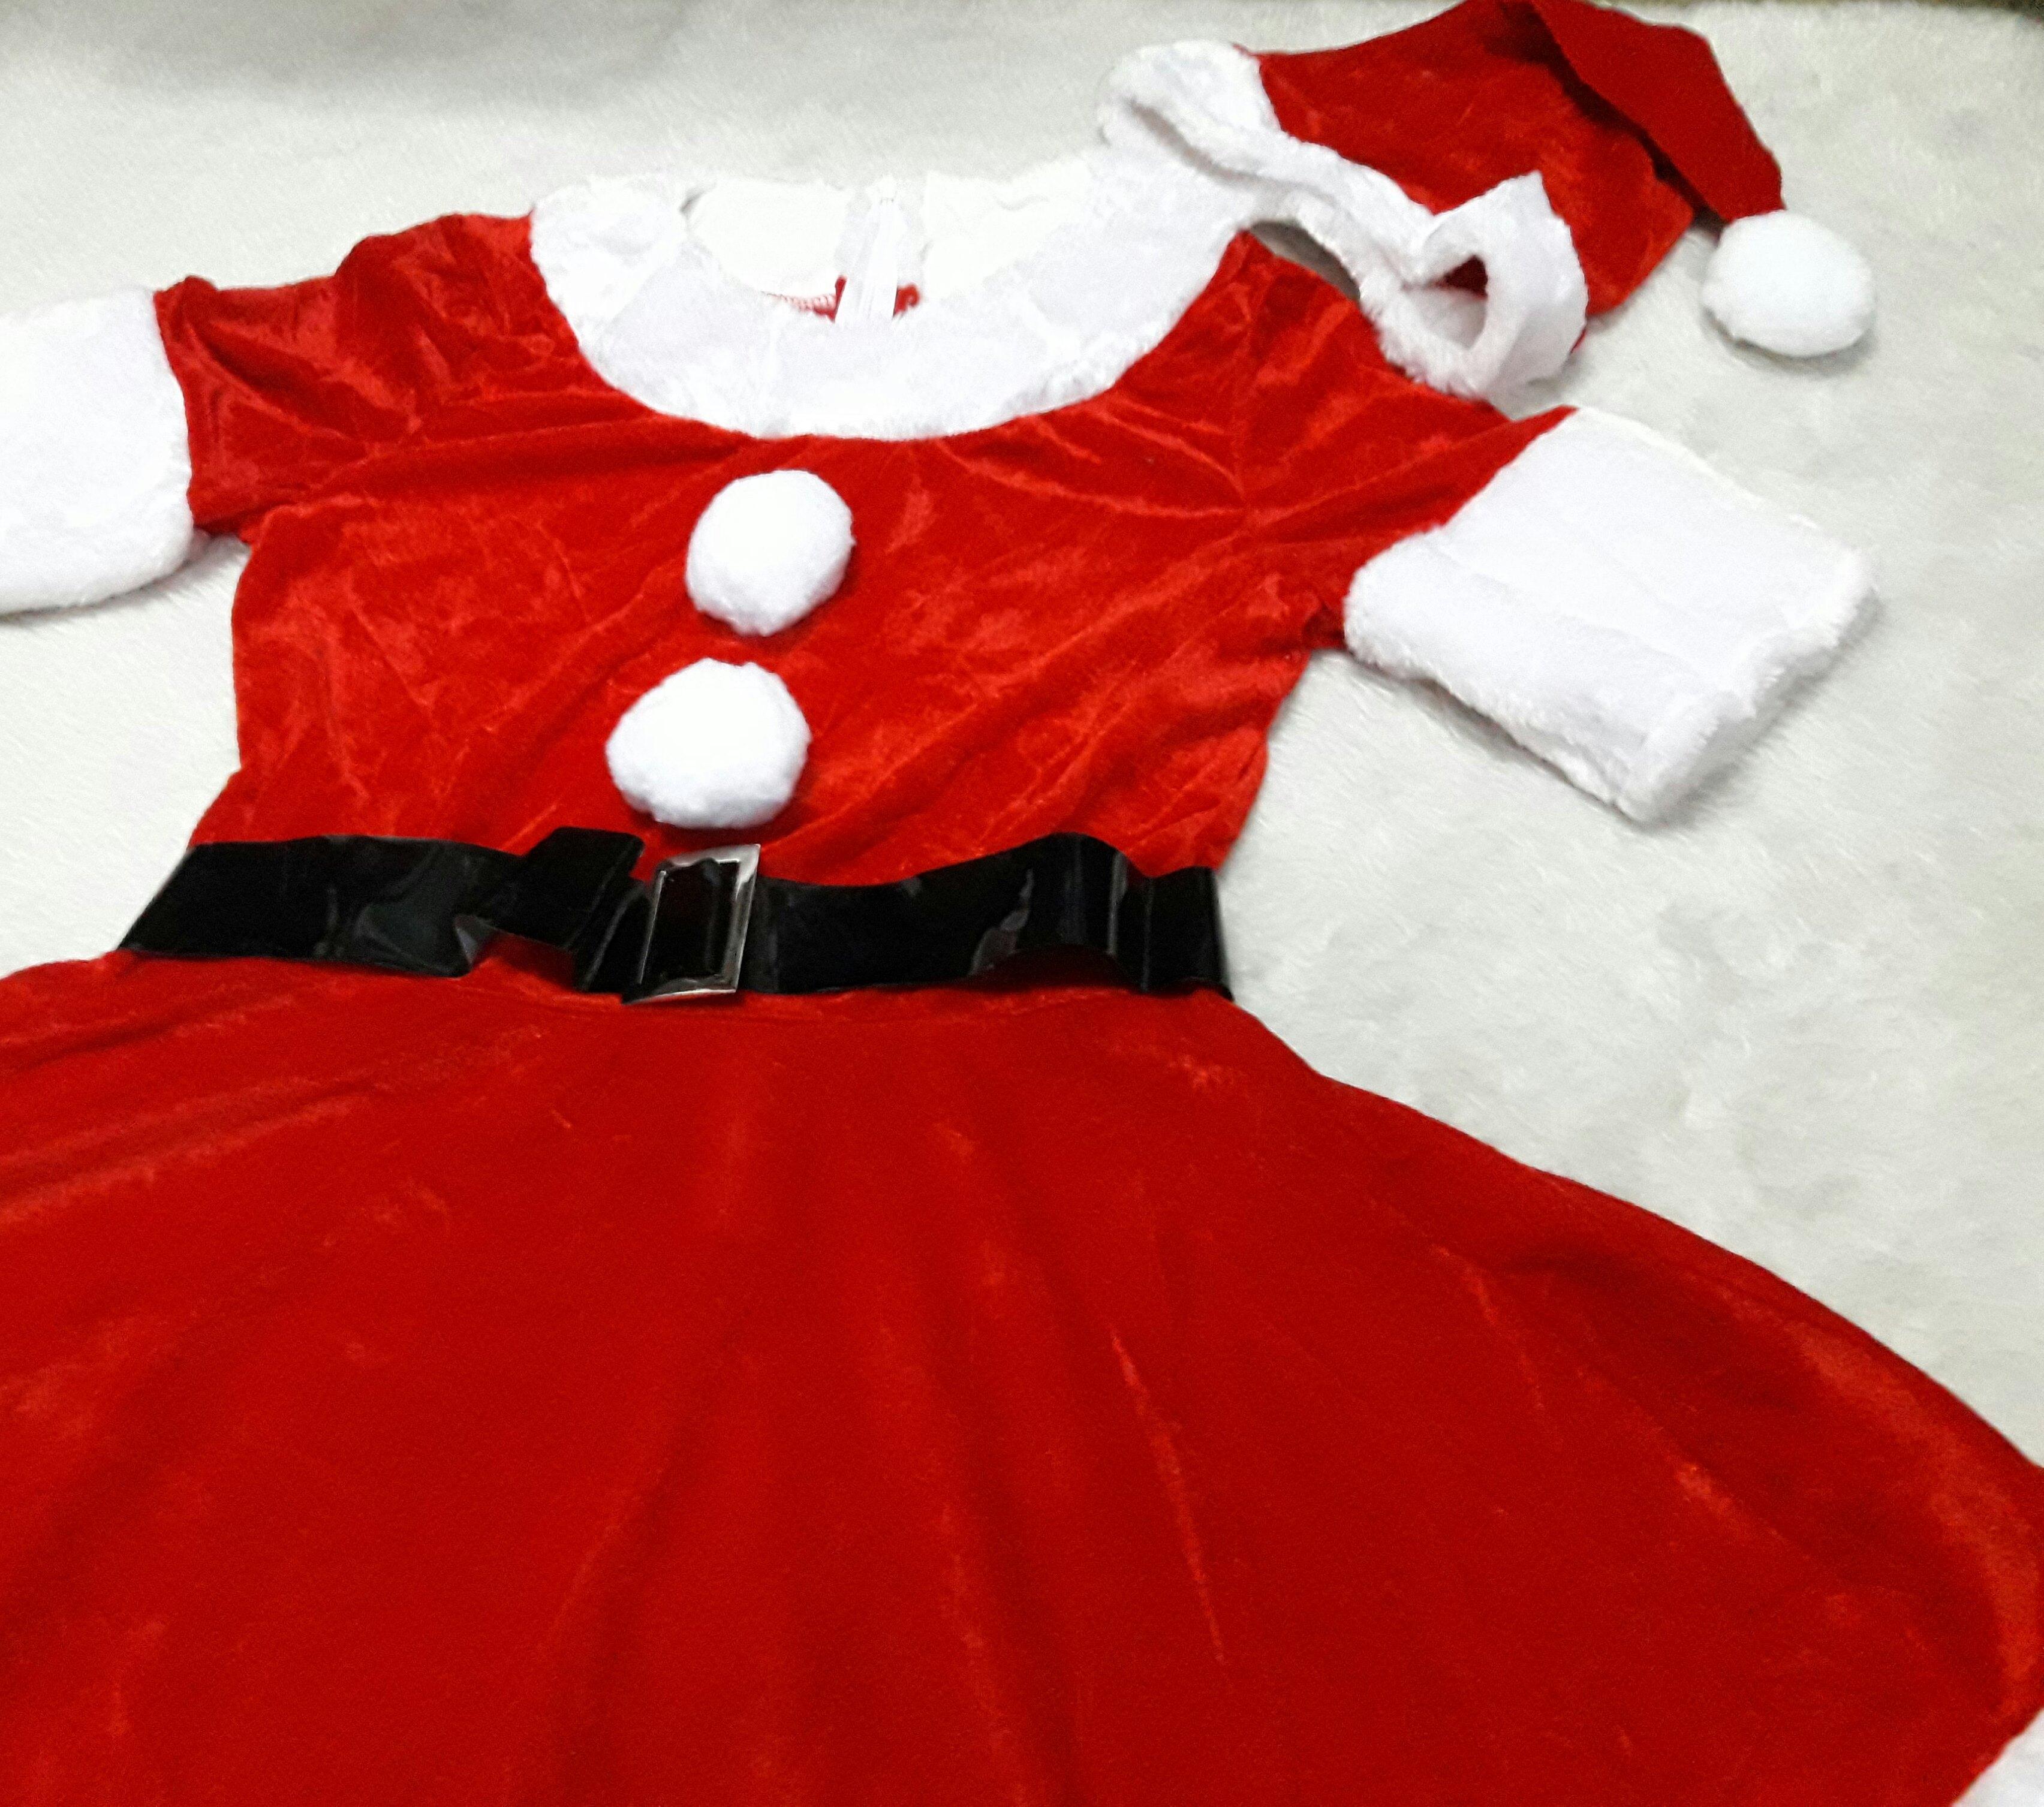 ชุดซานต้าผู้หญิง + หมวกซานต้า + เครื่่องประดับตกแต่ง วันคริสต์มาส